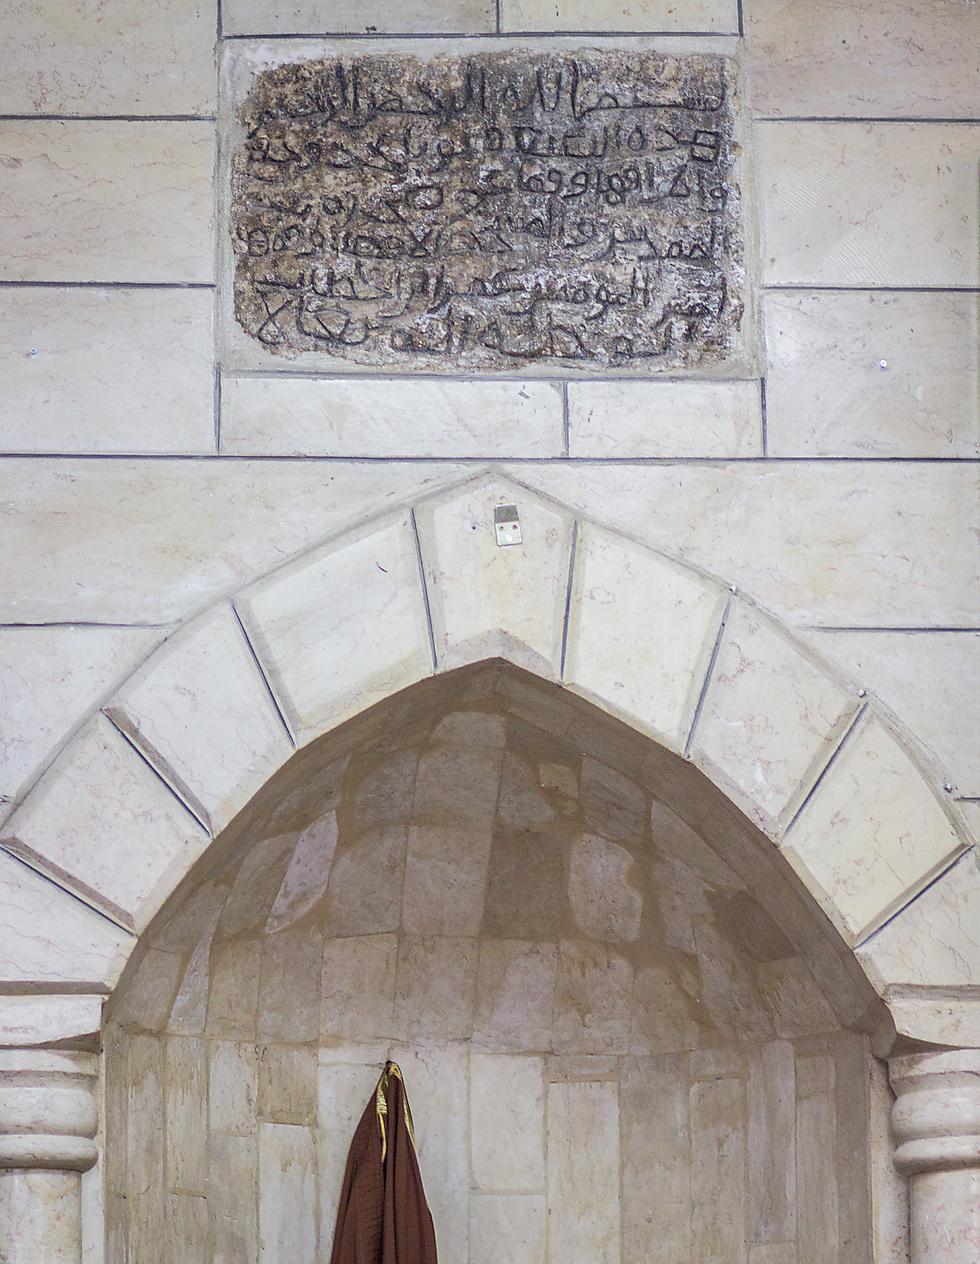 """הכתובת הייתה על הקיר. """"בית אלמקדס"""" בכפר נובה (צילום: אסף אברהם)"""